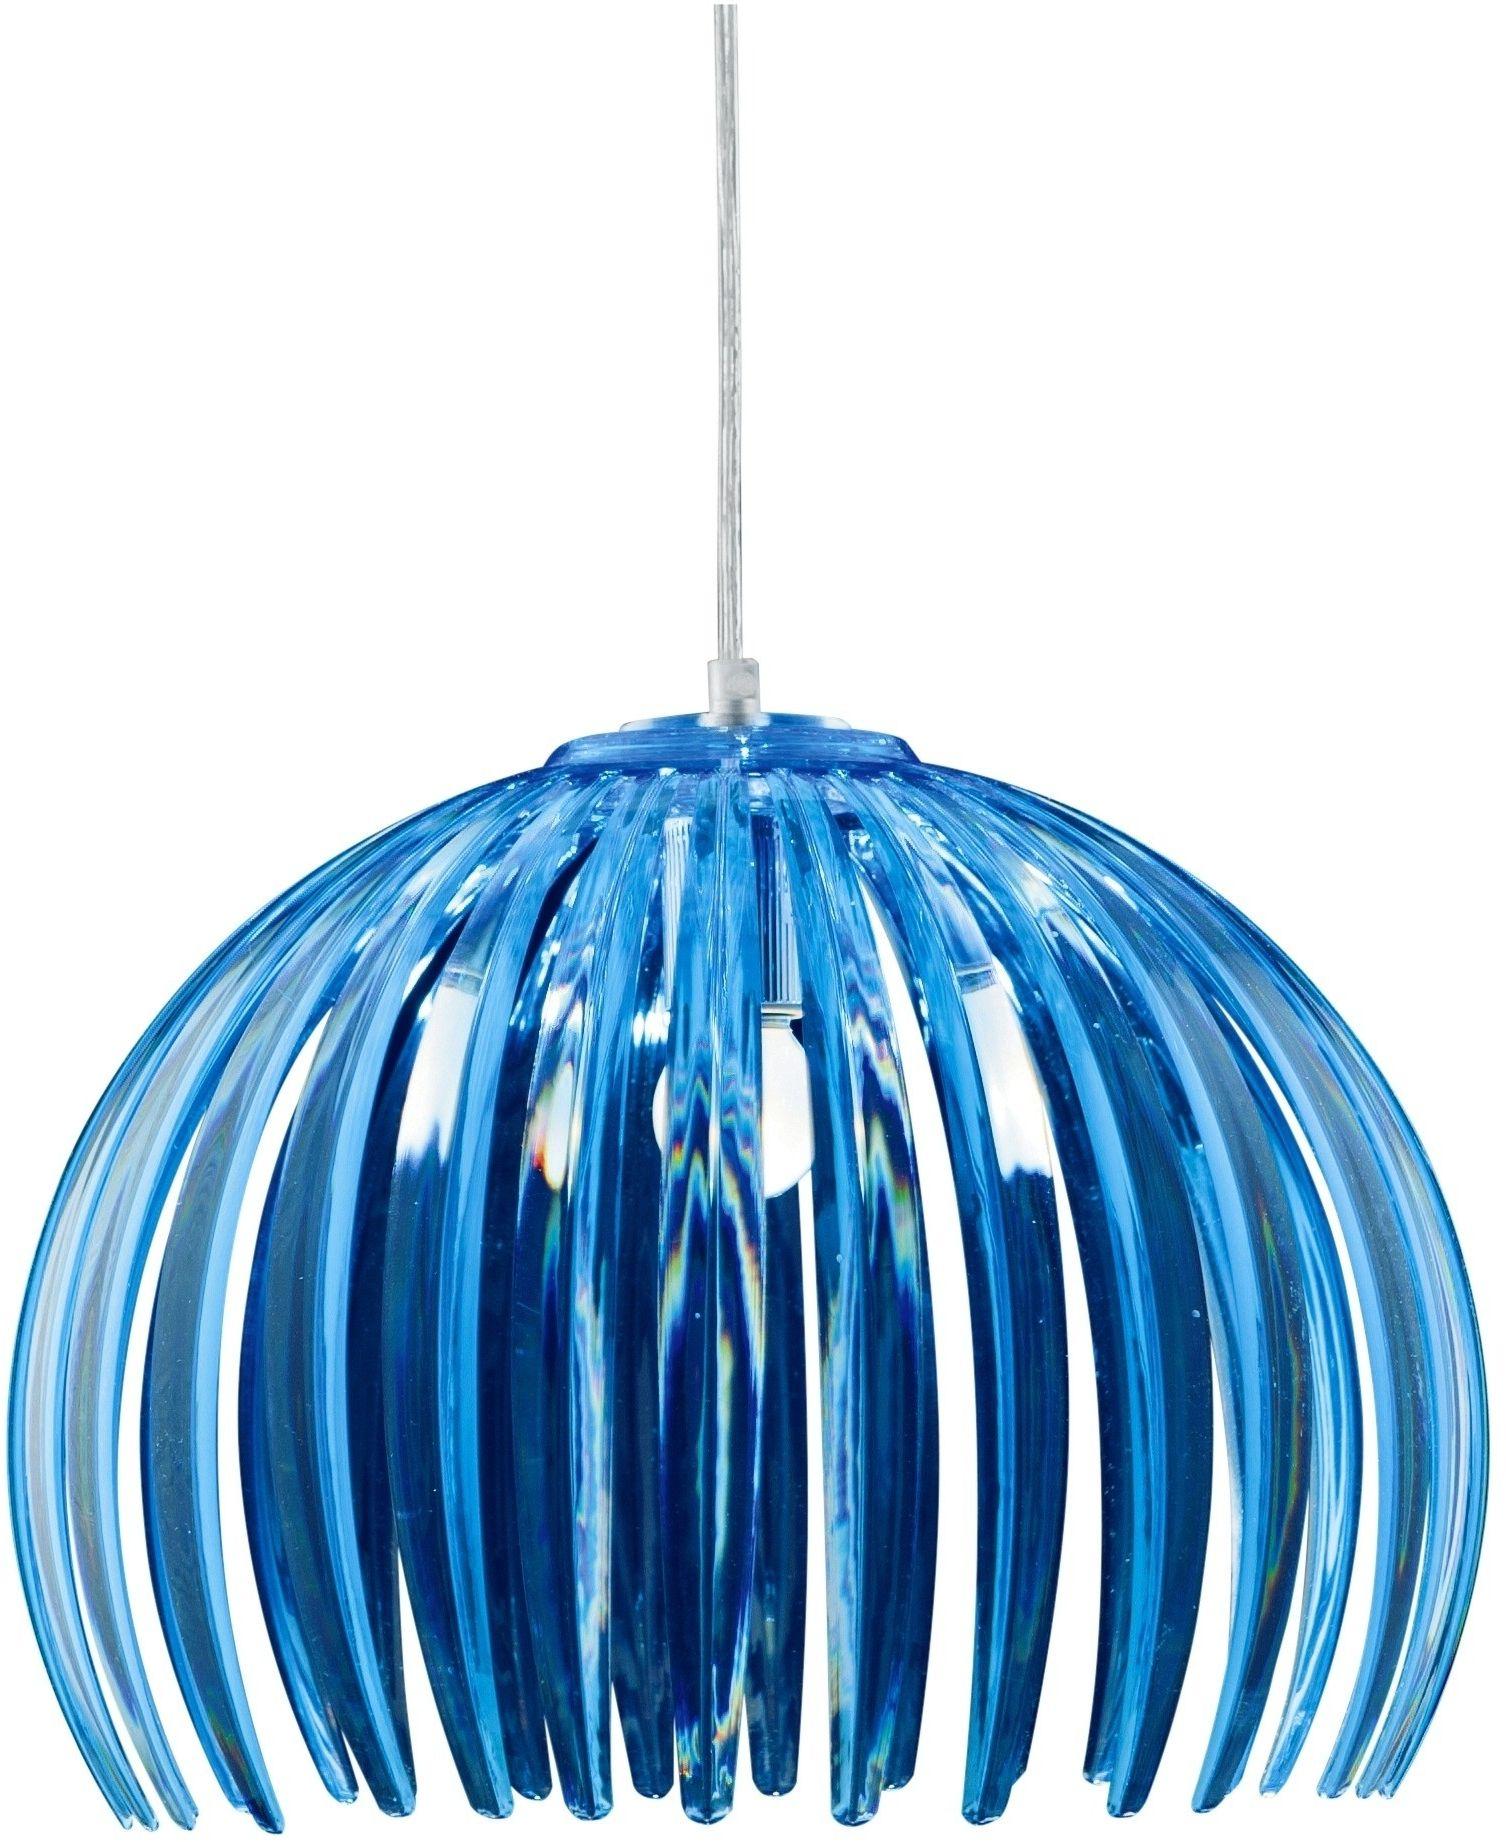 Candellux ABUKO 31-49783 lampa wisząca akrylowy klosz niebieski 1X60W E27 38 cm